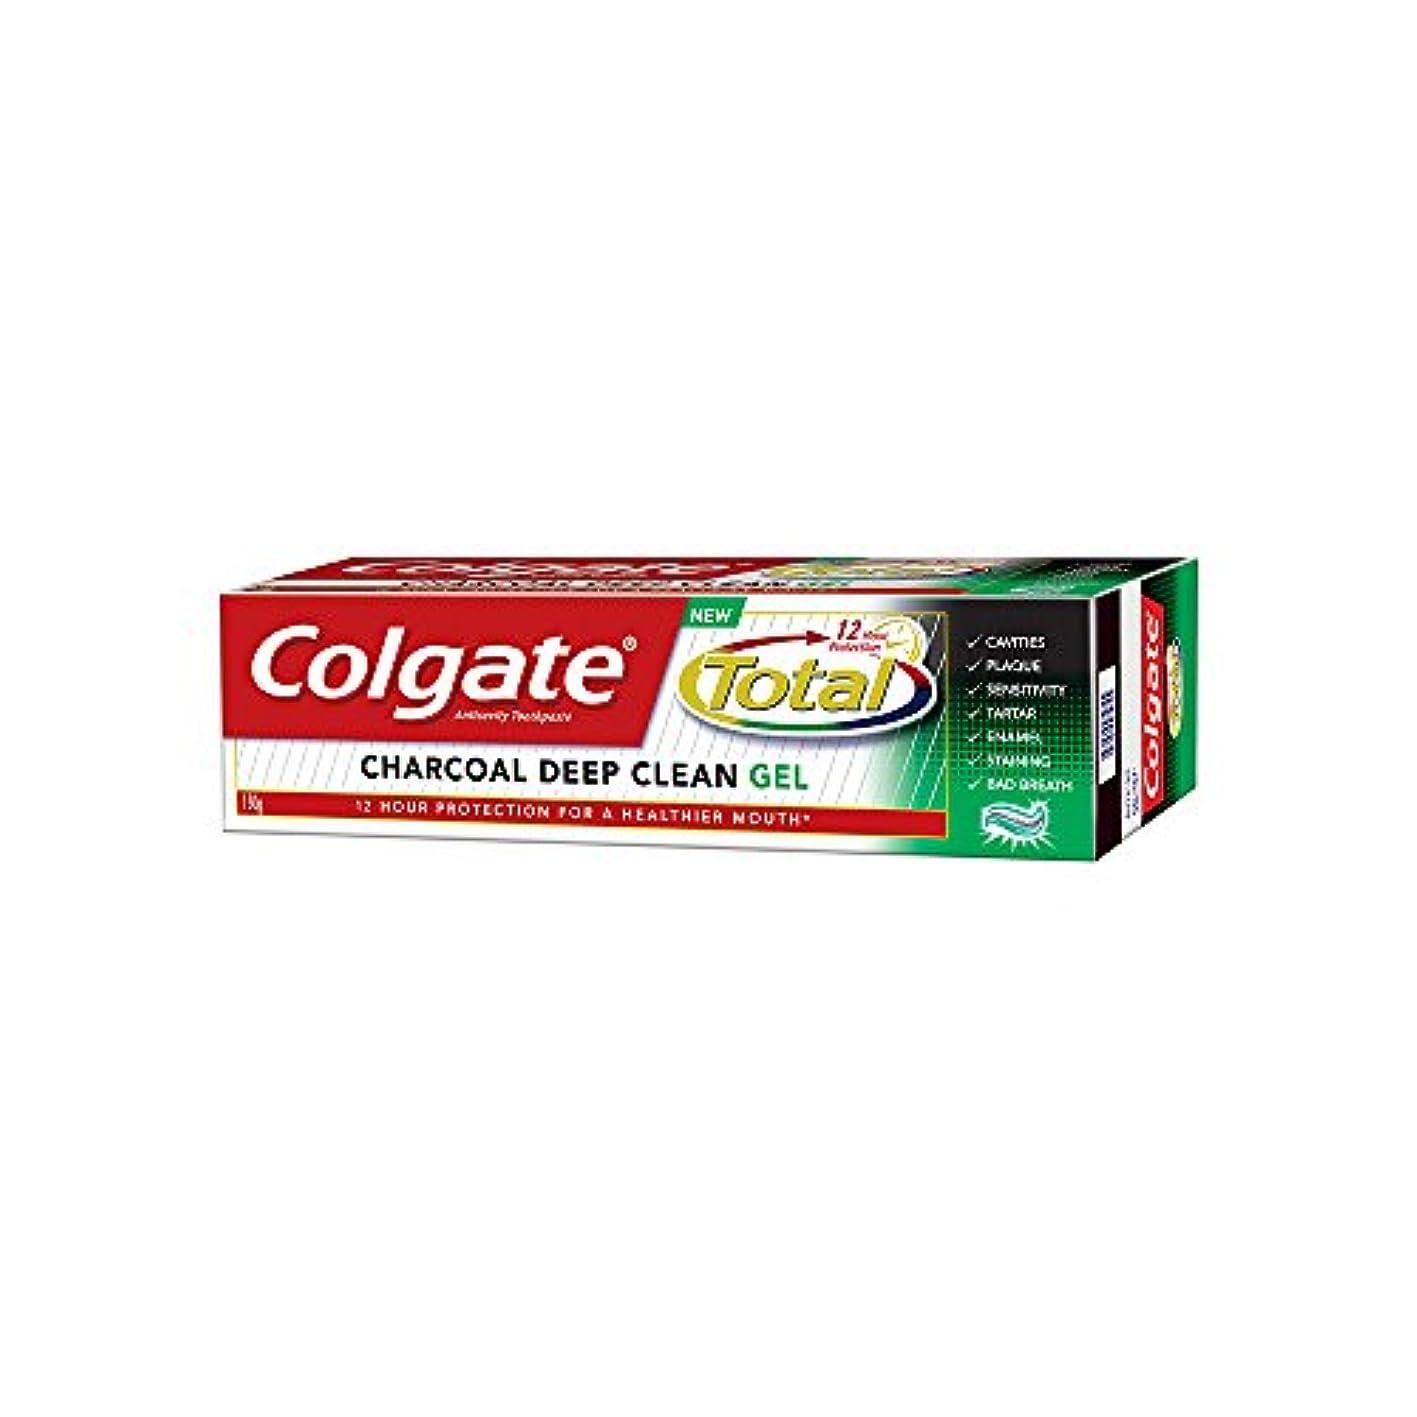 ワードローブきつくコスト(コルゲート)Colgate CHARCOAL DEEP CLEAN GEL 歯磨き粉 Total (150g, チャコール ディープクリーン)